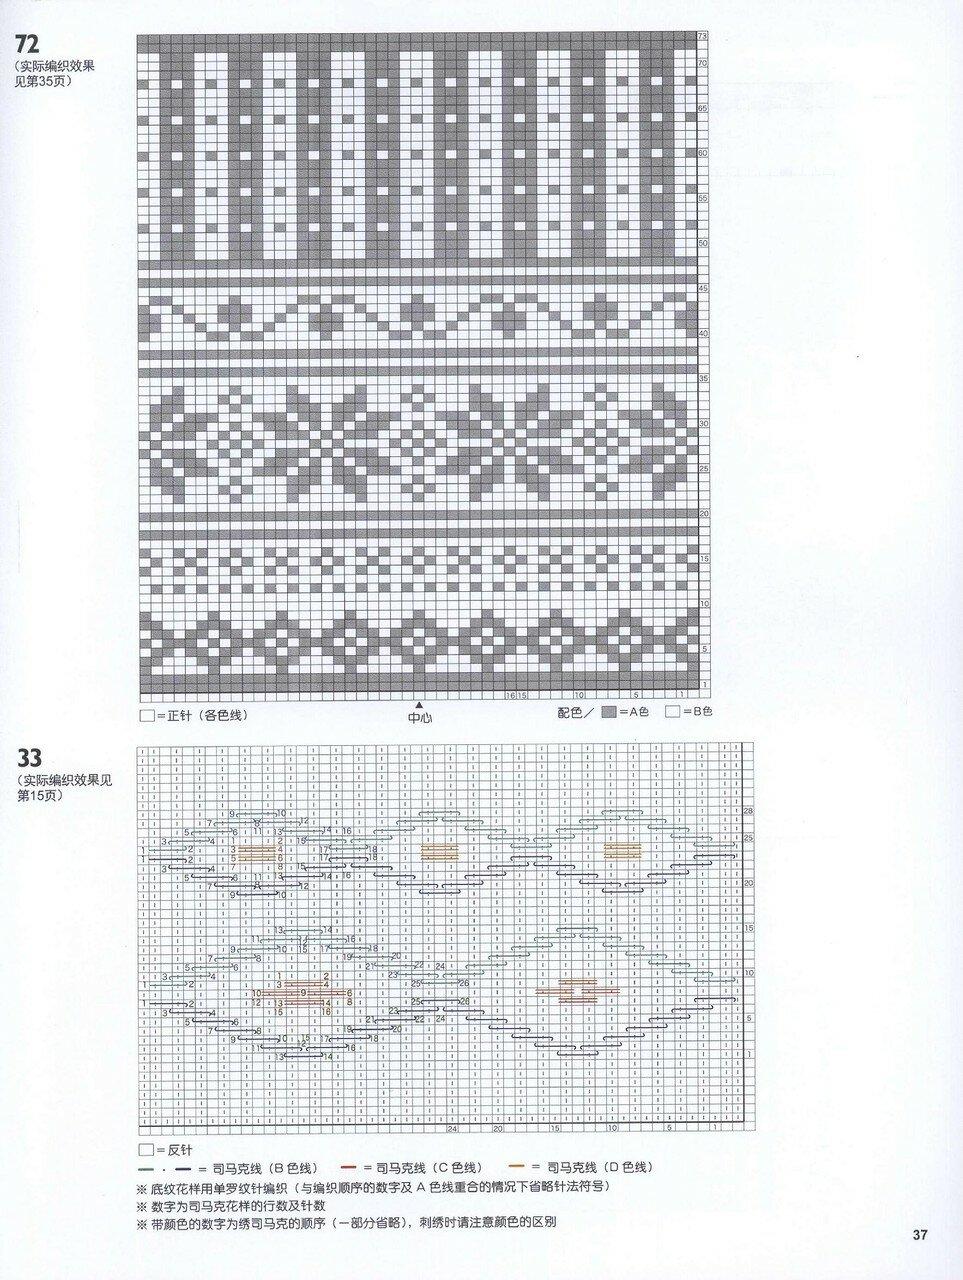 150 Knitting_39.jpg